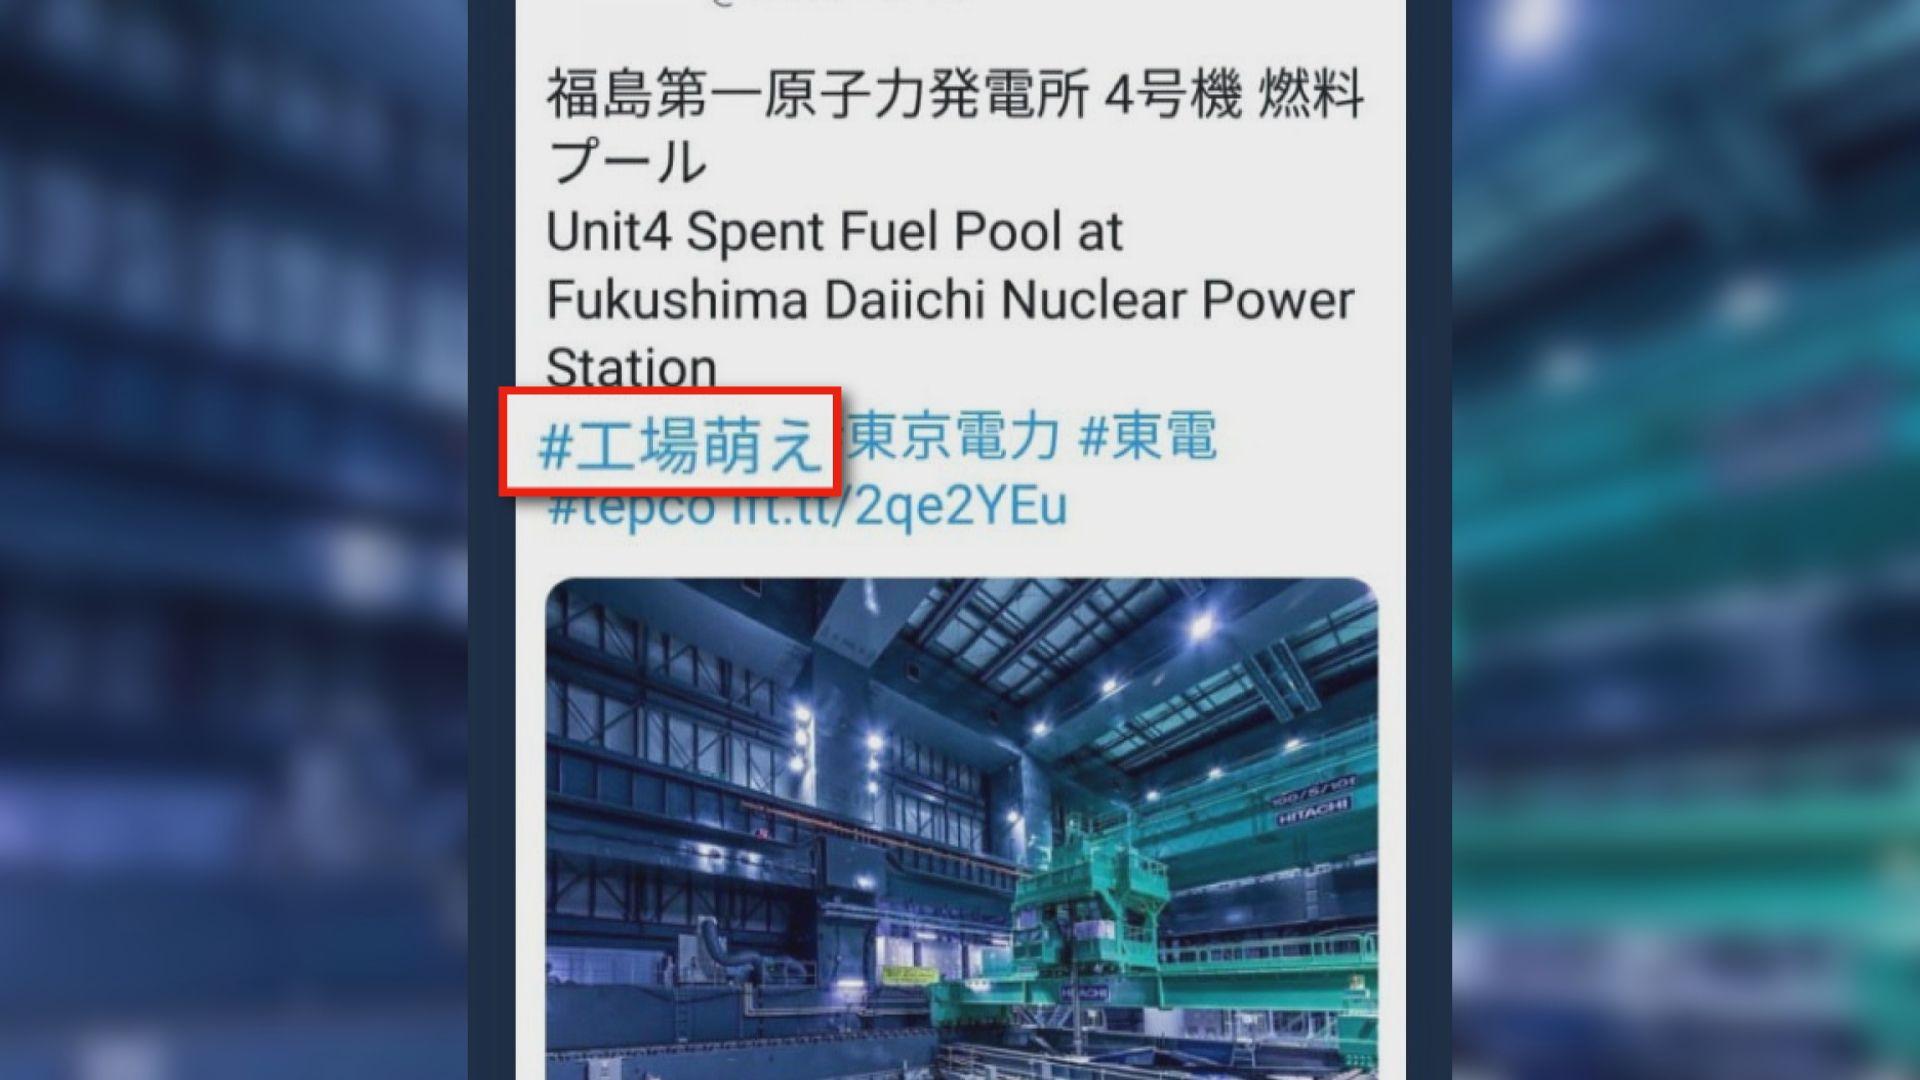 日本東電為在網上使用不恰當搜索標籤道歉